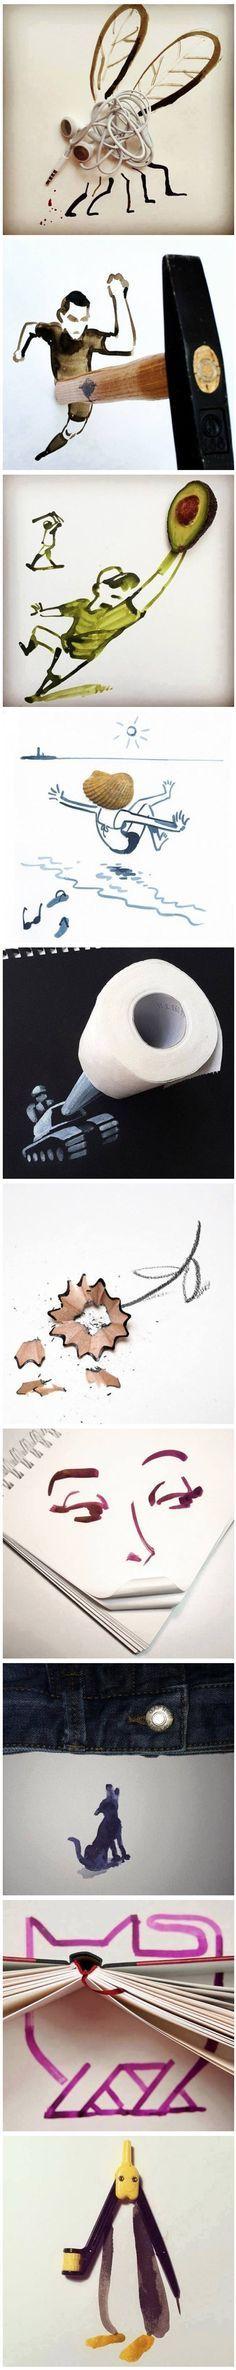 Dibujos divertidos con cosas cotidianas. #humor #risa #graciosas #chistosas #divertidas